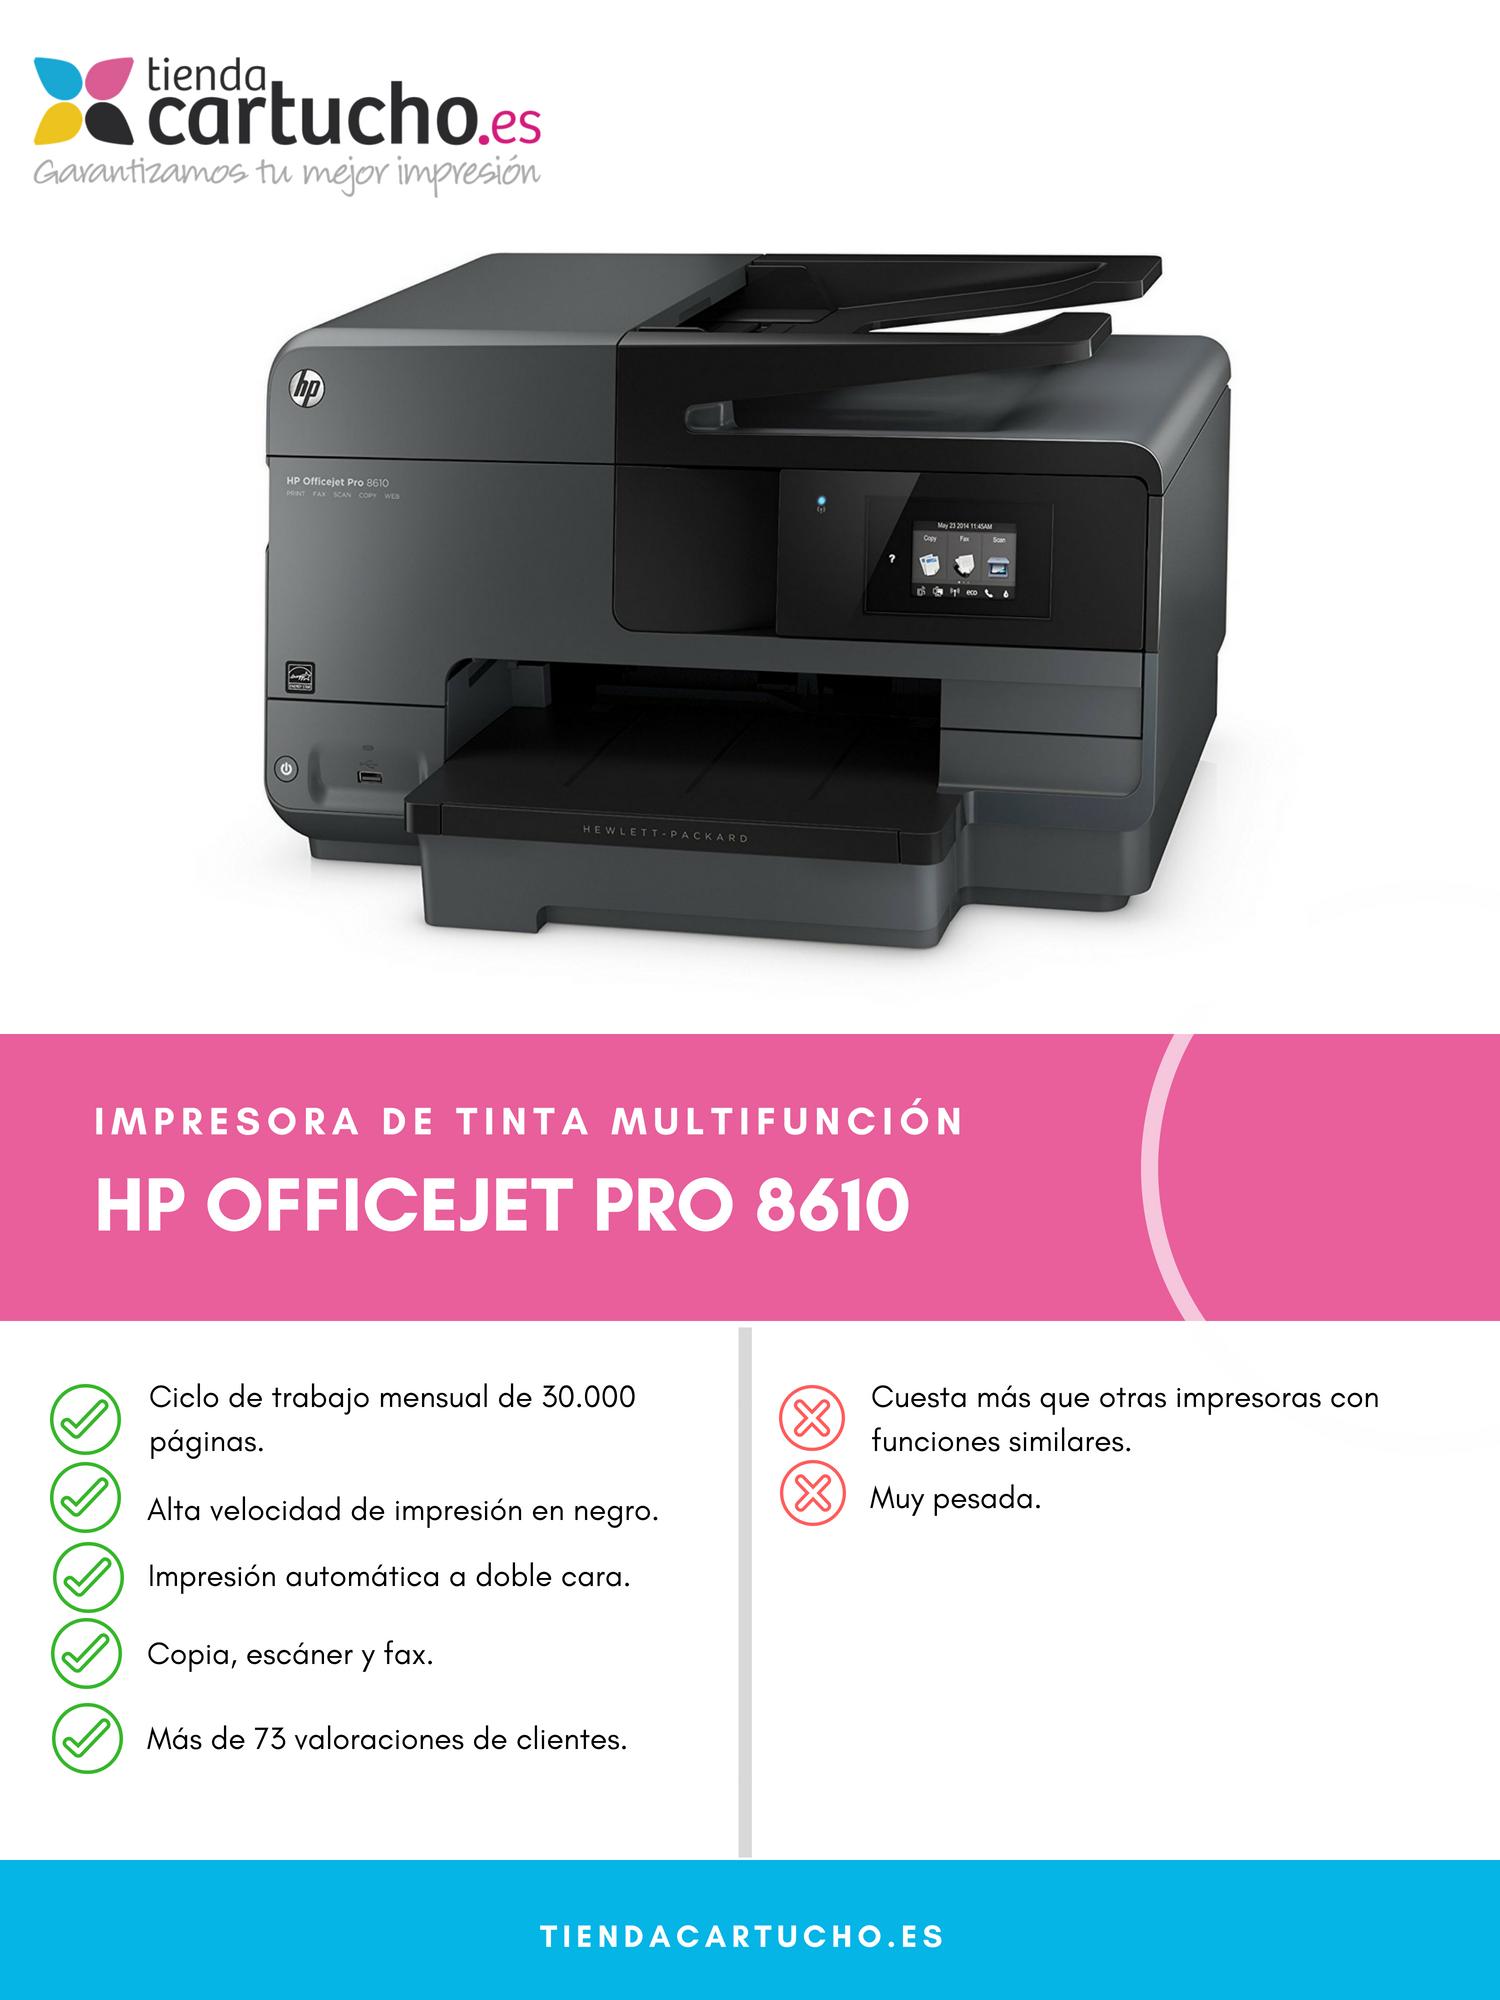 Descubre la HP OfficeJet Pro 8610